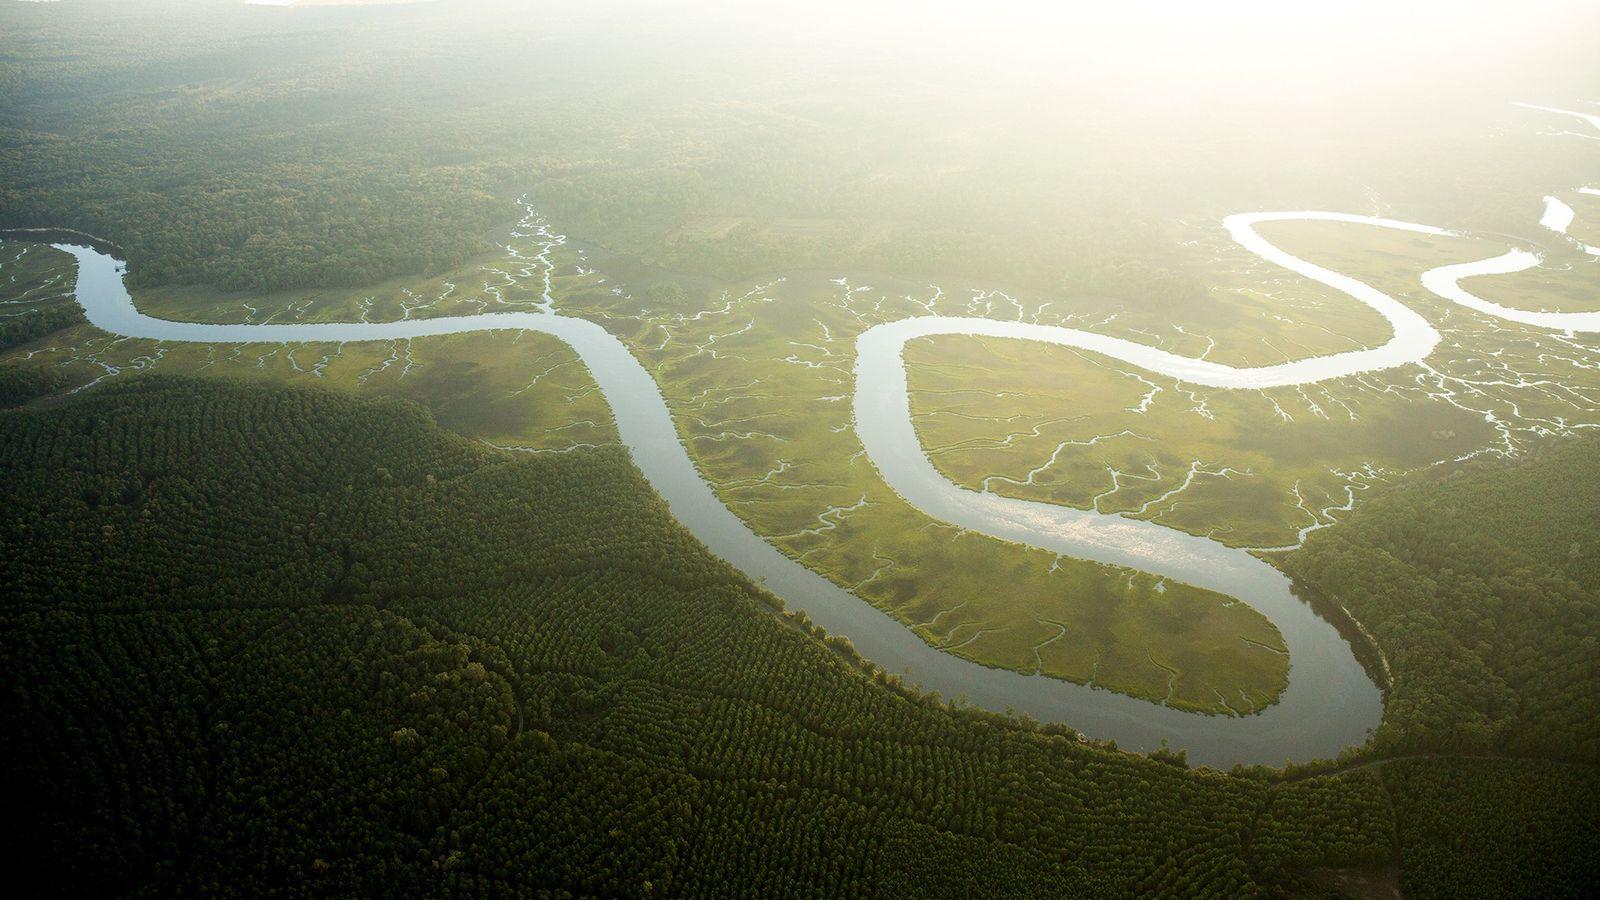 Die Auswirkungen von erhöhtem CO2-Niveau und steigenden Temperaturen sorgt für einen erhöhten Wasserbedarf der Vegetation. Das ...